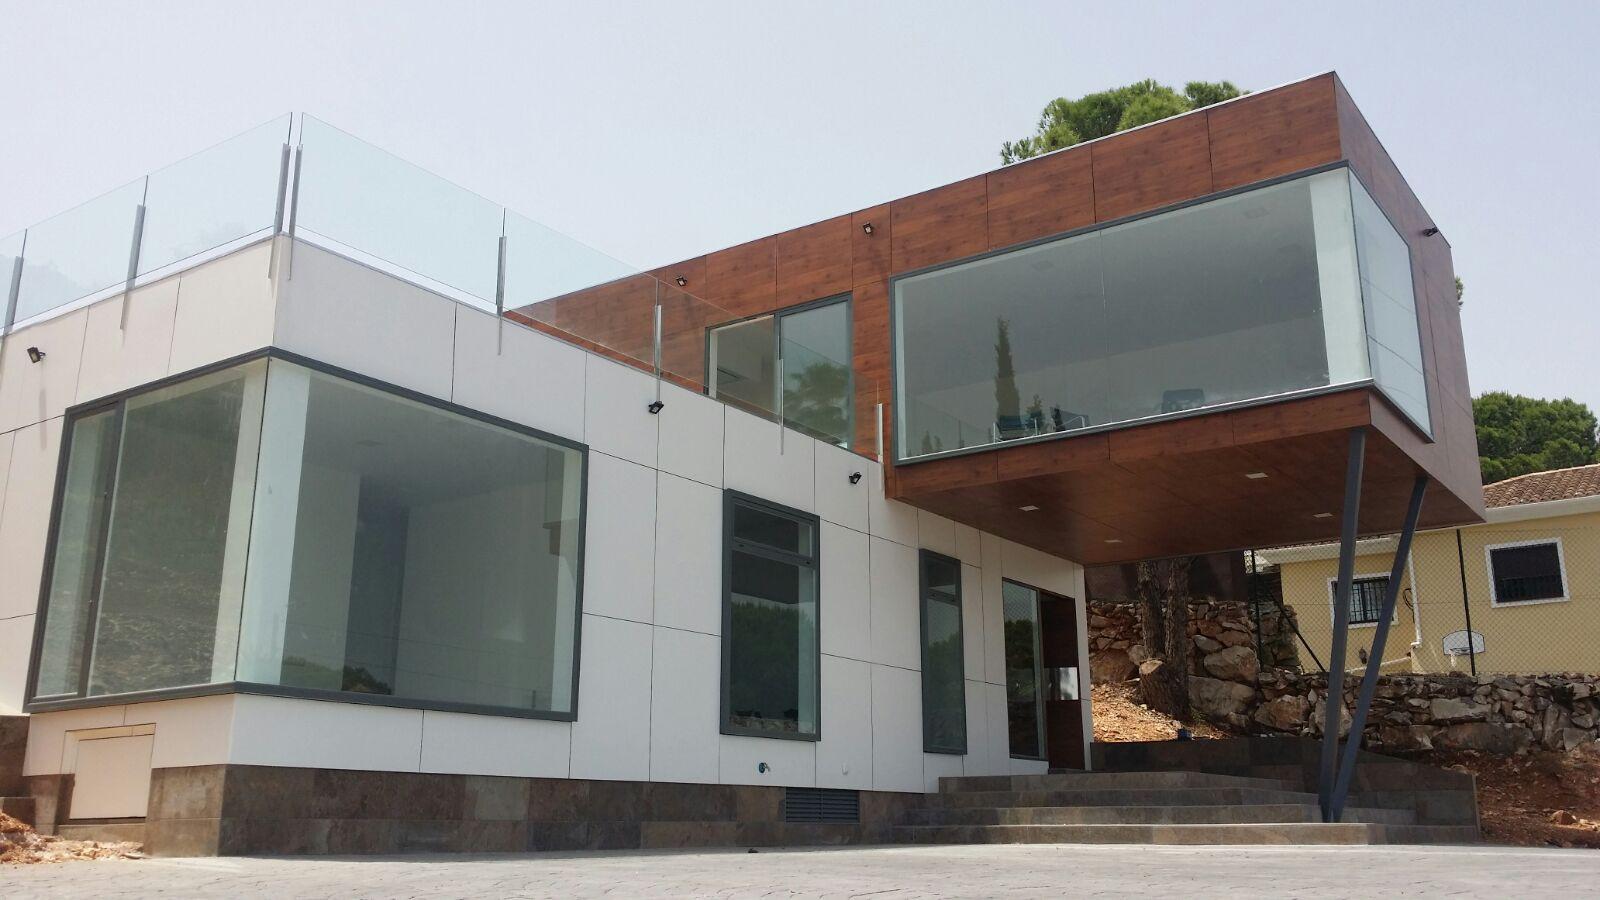 Quanto Costa Una Casa Prefabbricata Finita case prefabbricate container — idealista/news